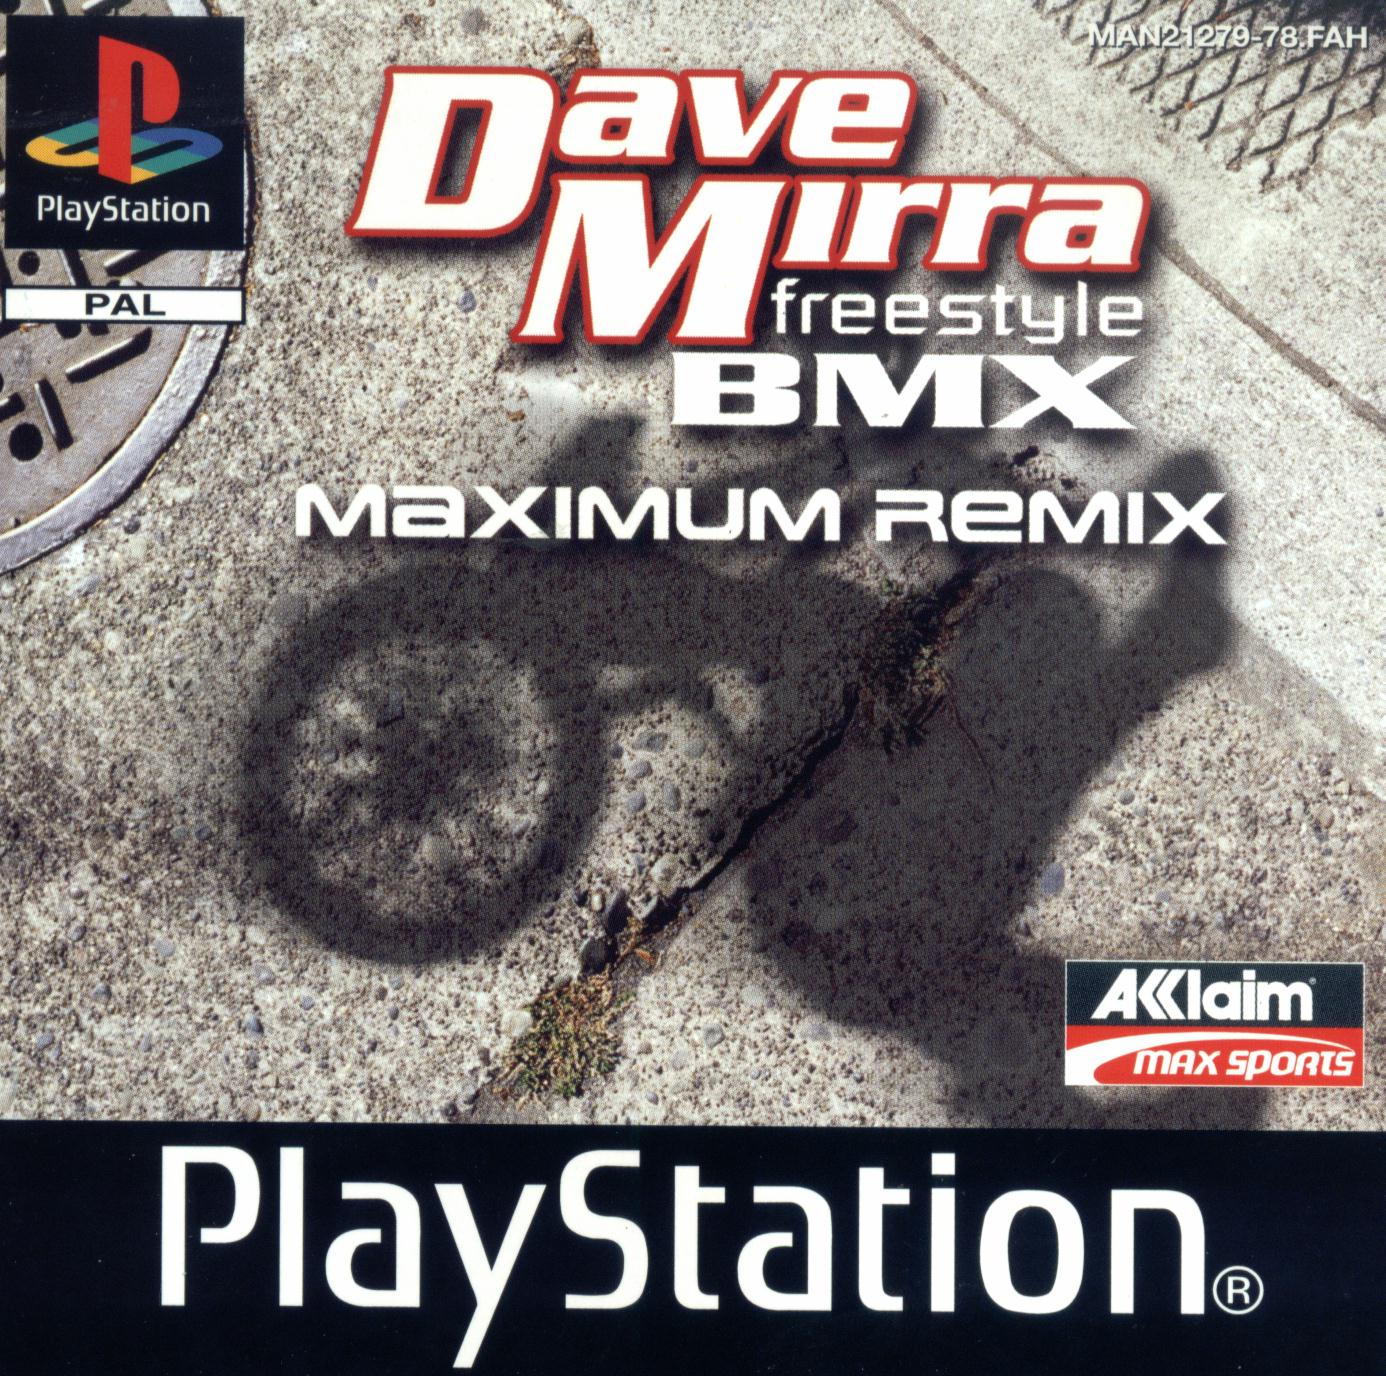 Dave Mirra Freestyle BMX Pro